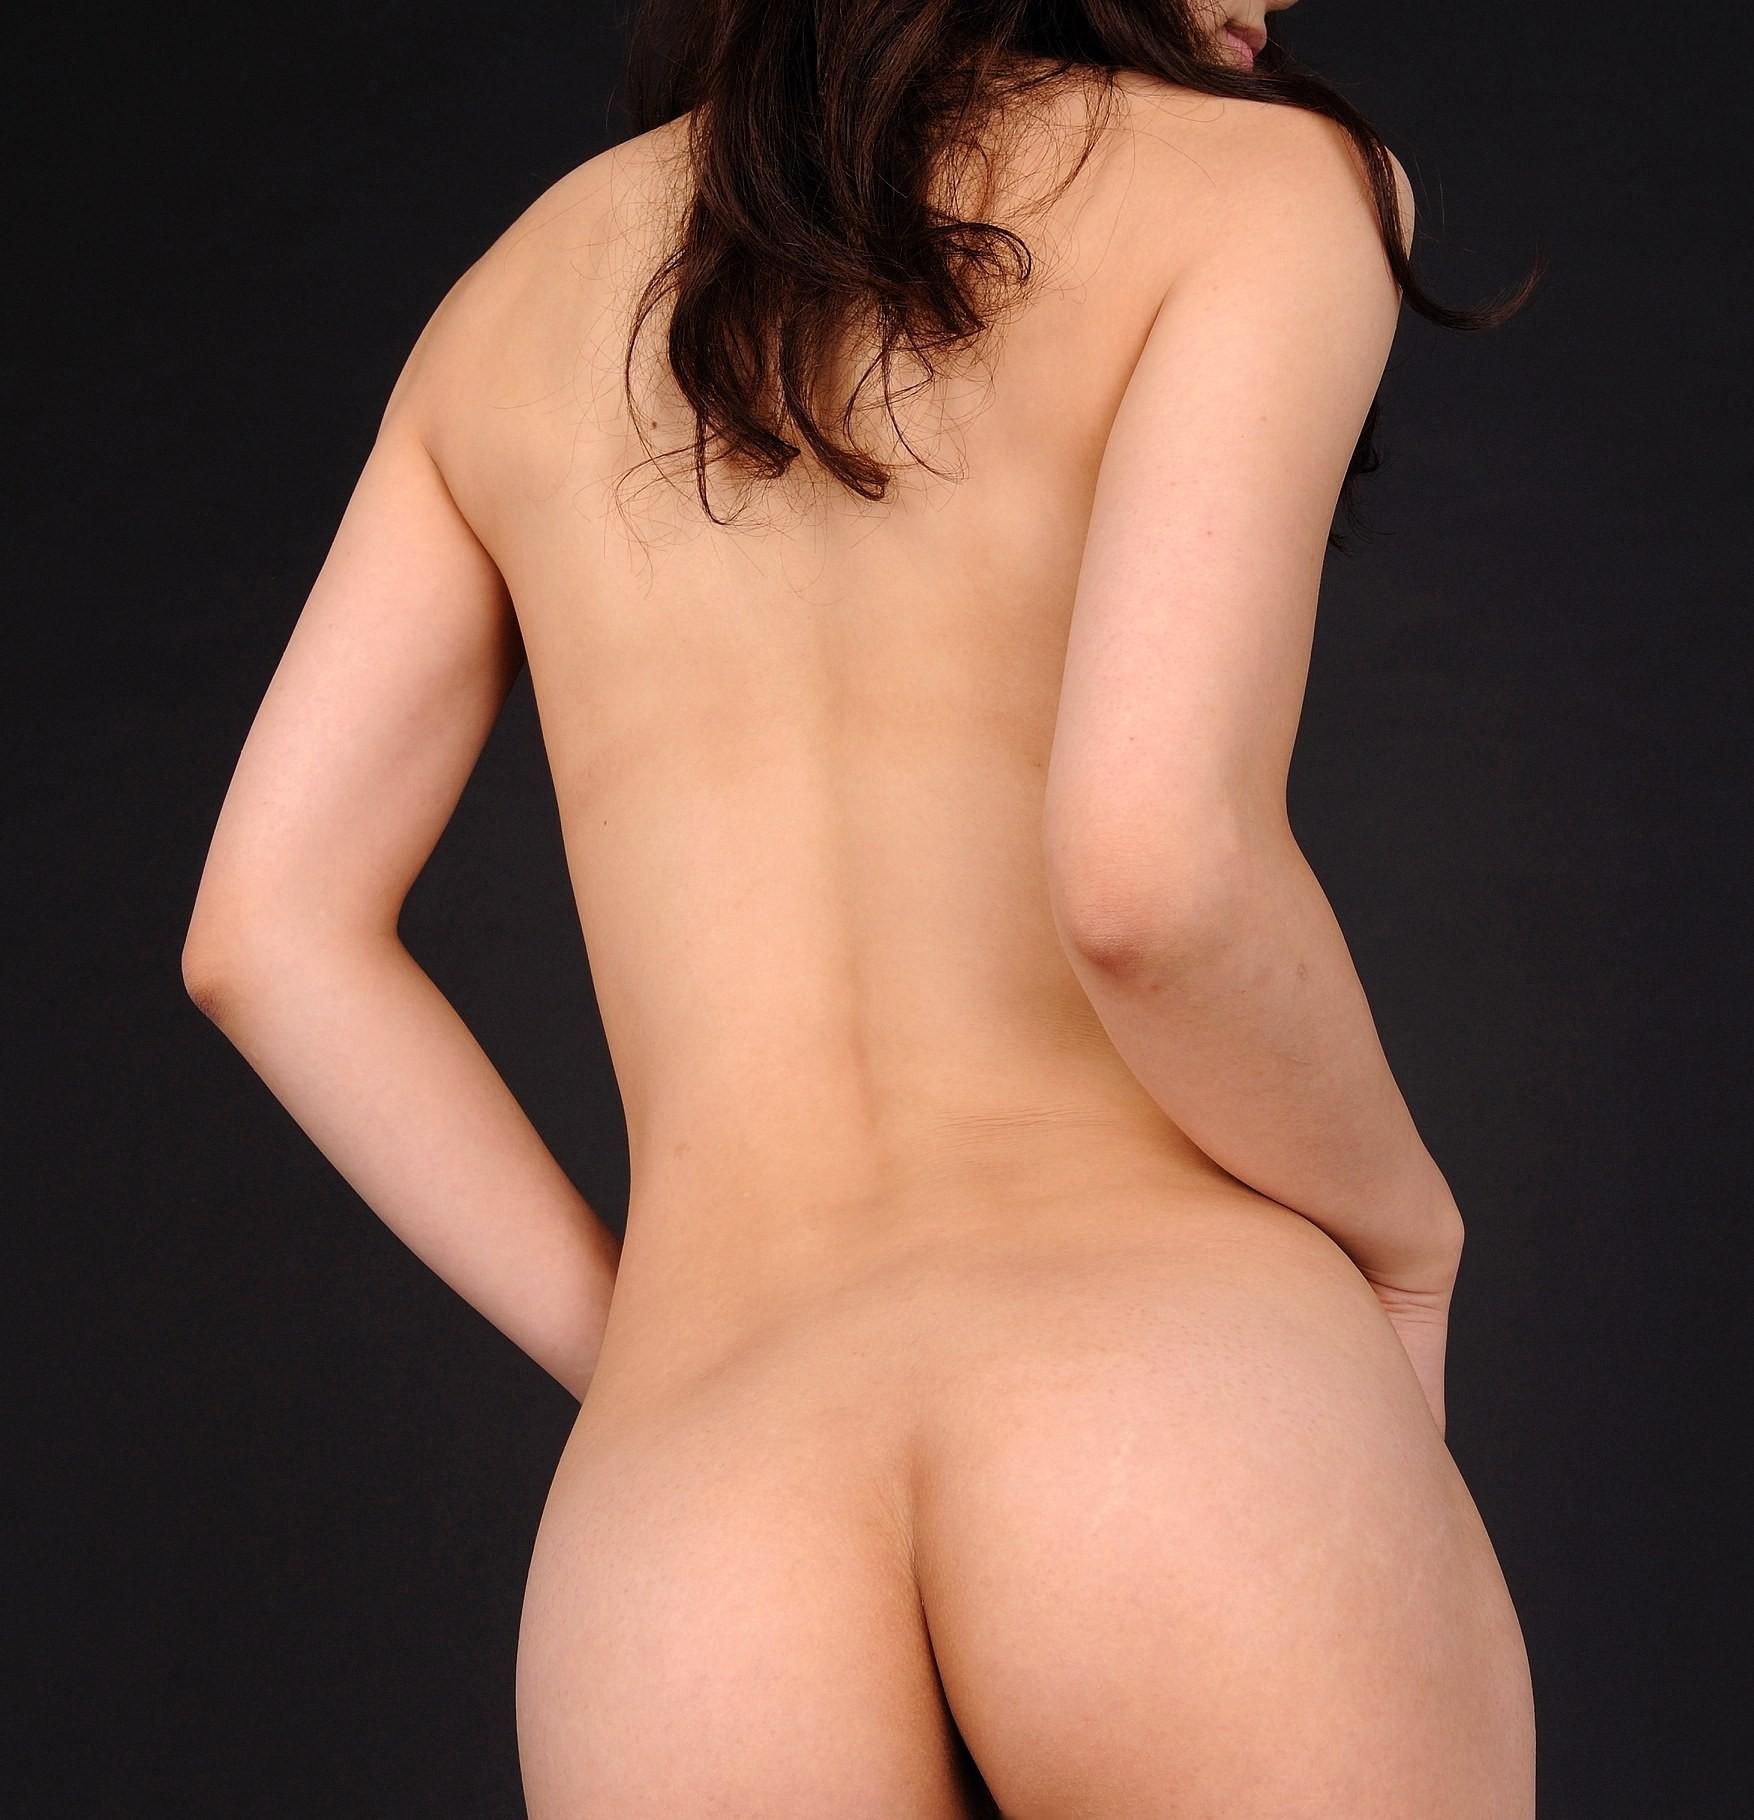 【背中フェチエロ画像】うなじから下まで舐め回したい…少し見える乳もたまらん女体の後ろwww 11